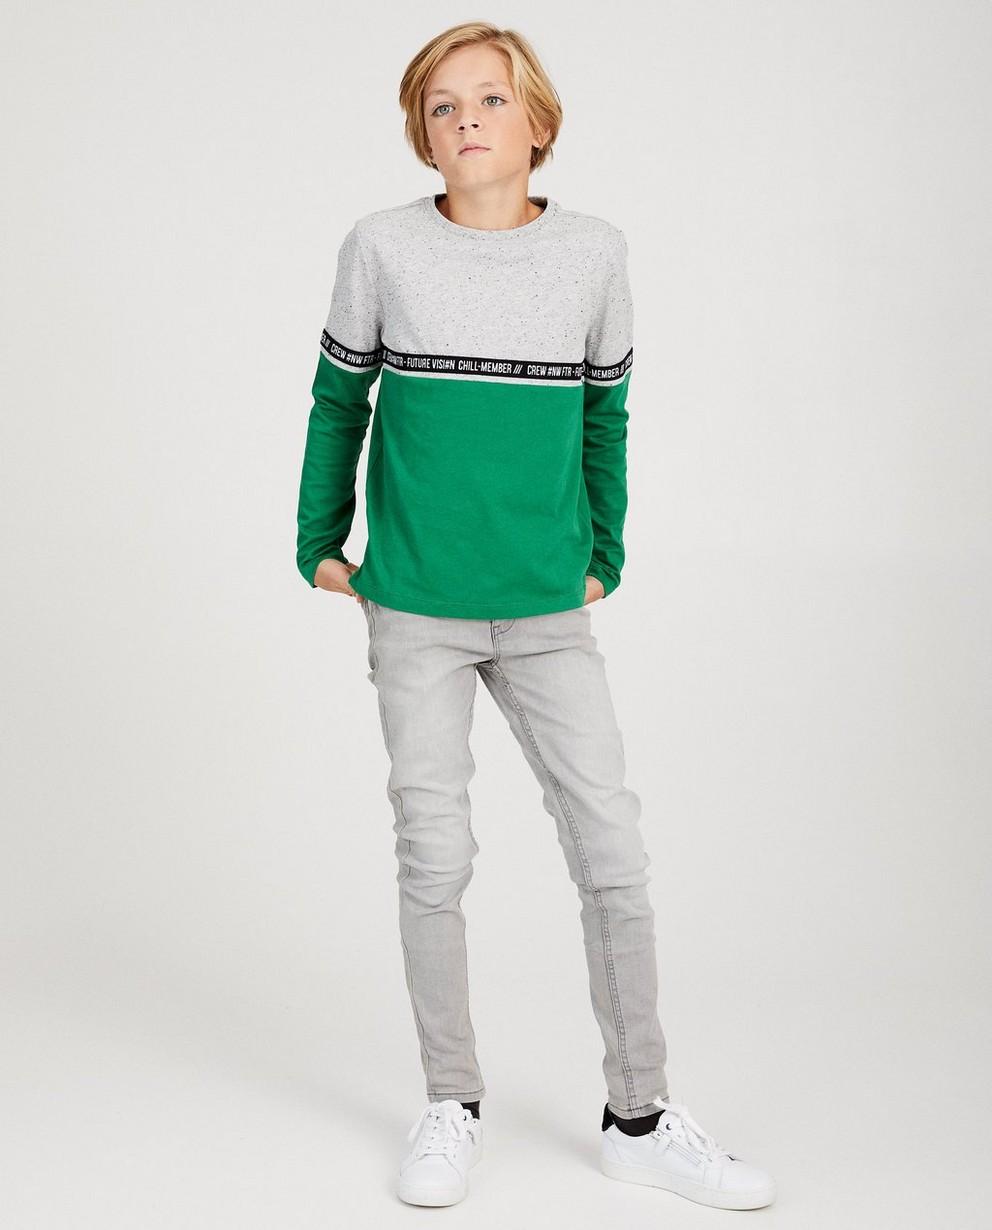 T-shirt à manches longues - color block vert et gris - fish